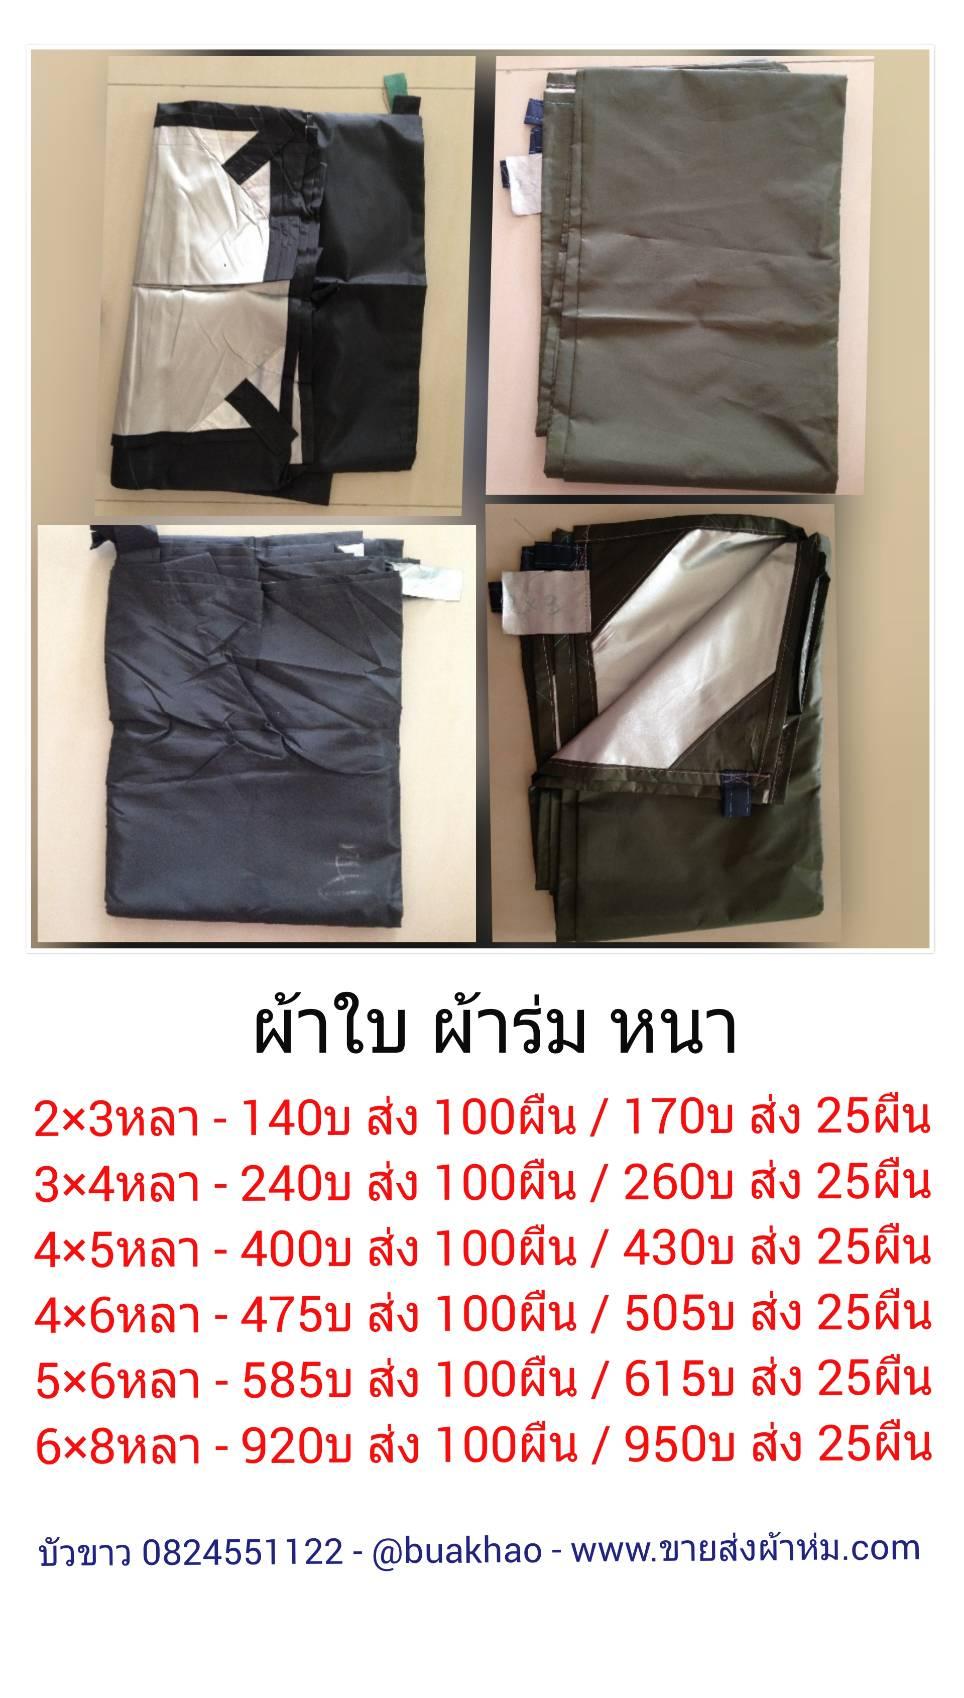 ผ้าใบ ผ้าห่ม หนา 3x4หลา - ผืนละ 260บ ส่ง 25ผืน